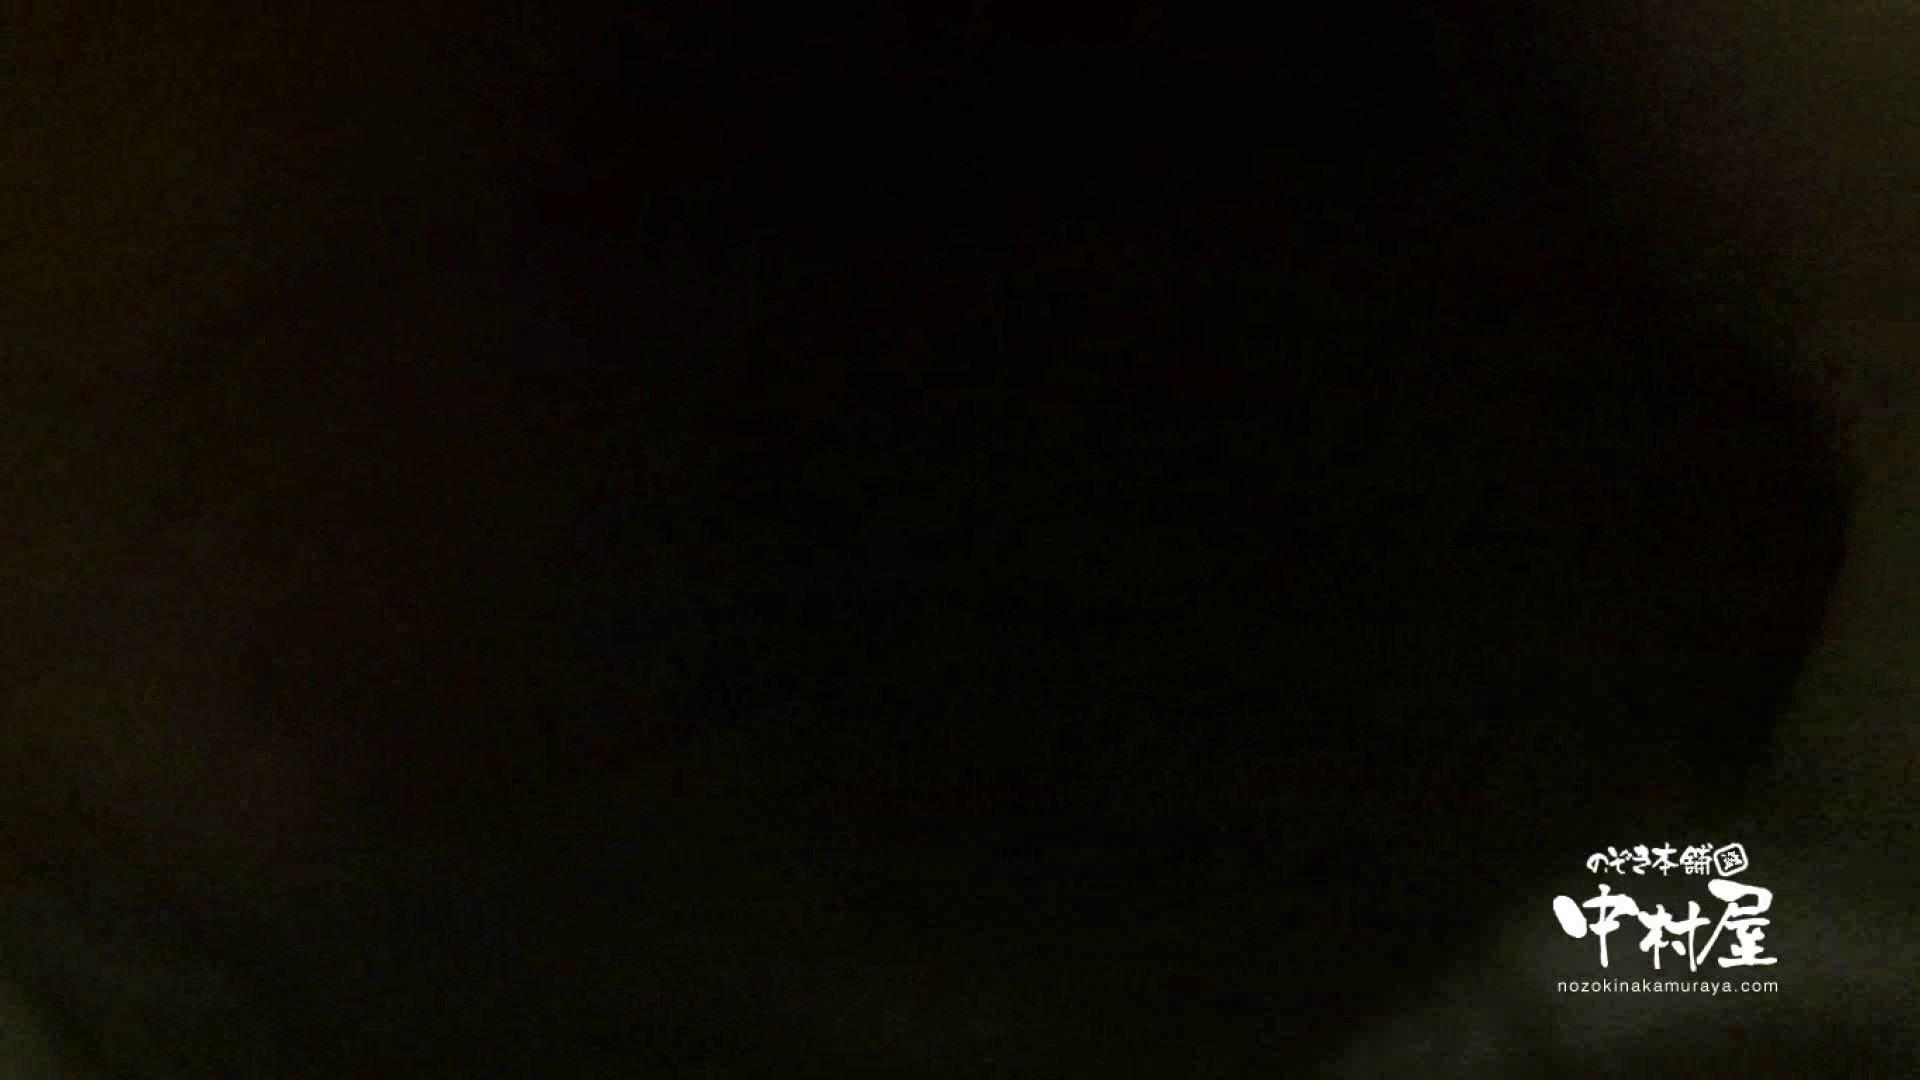 鬼畜 vol.05 誰にも言うなよ! はぃ… 前編 鬼畜  99pic 20